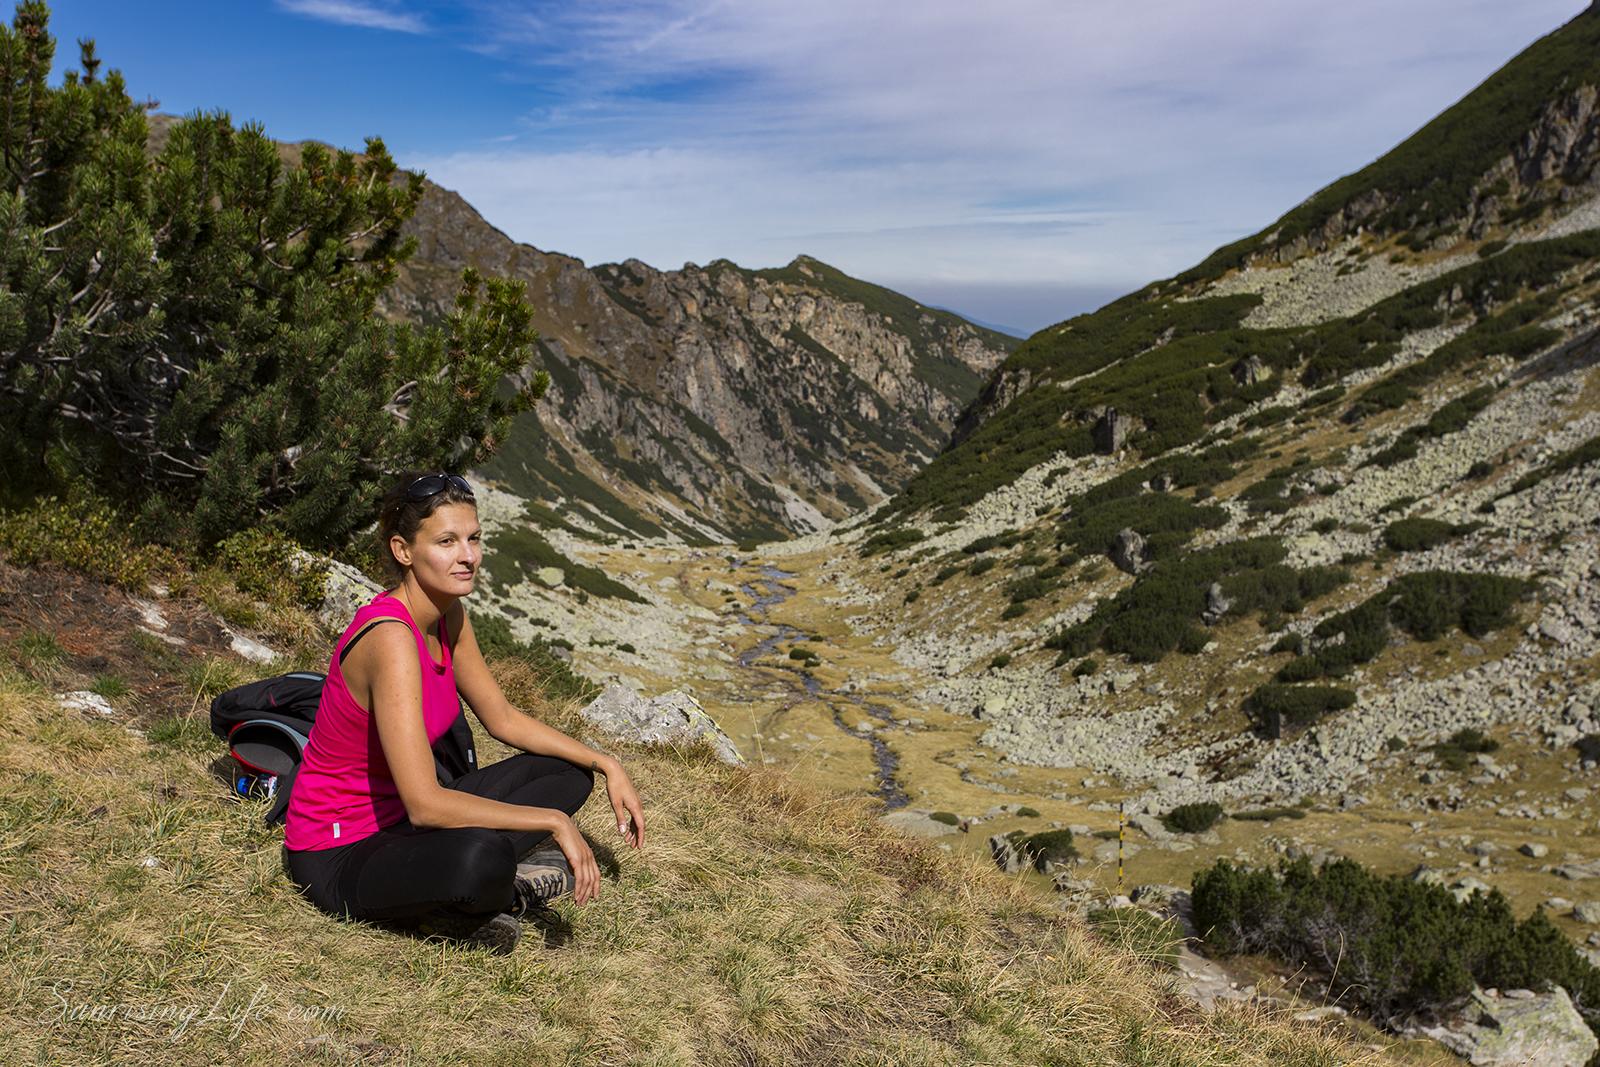 Почивка на втората тераса по пътя към връх Мальовица